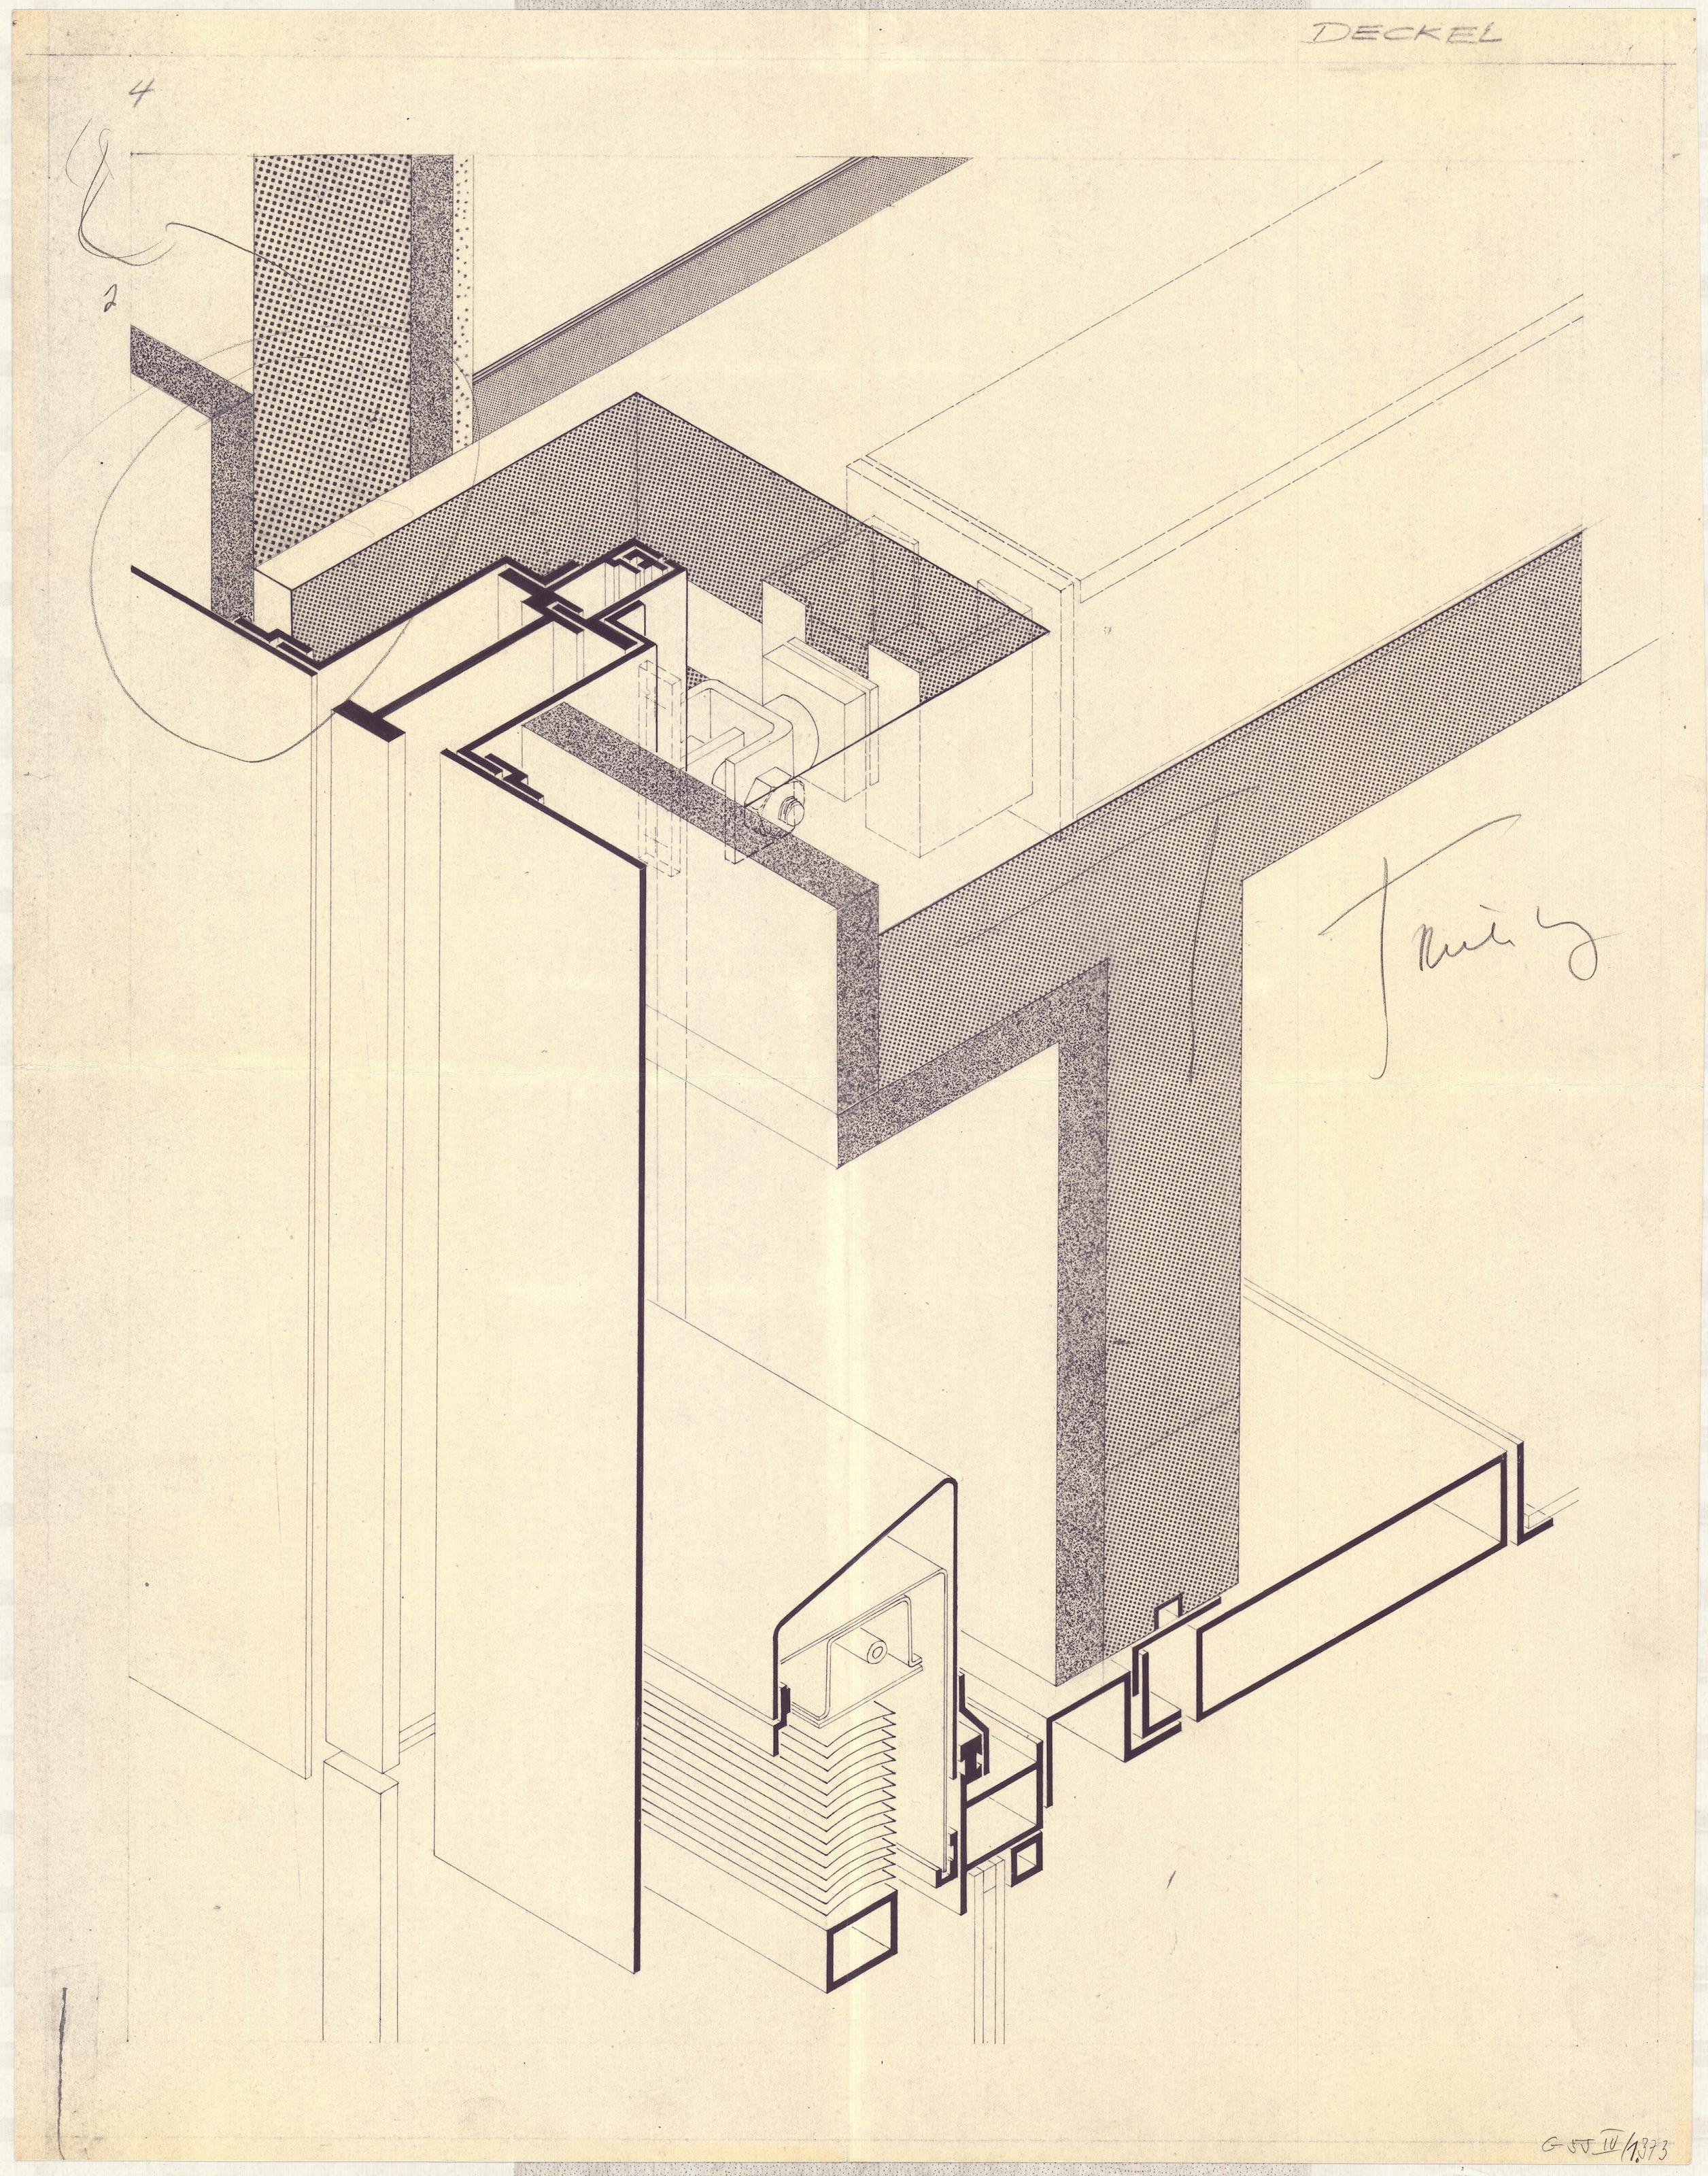 Henn G055 IV1 373 Isometrieeiner Fassadenkonstruktion Deckel Muenchen